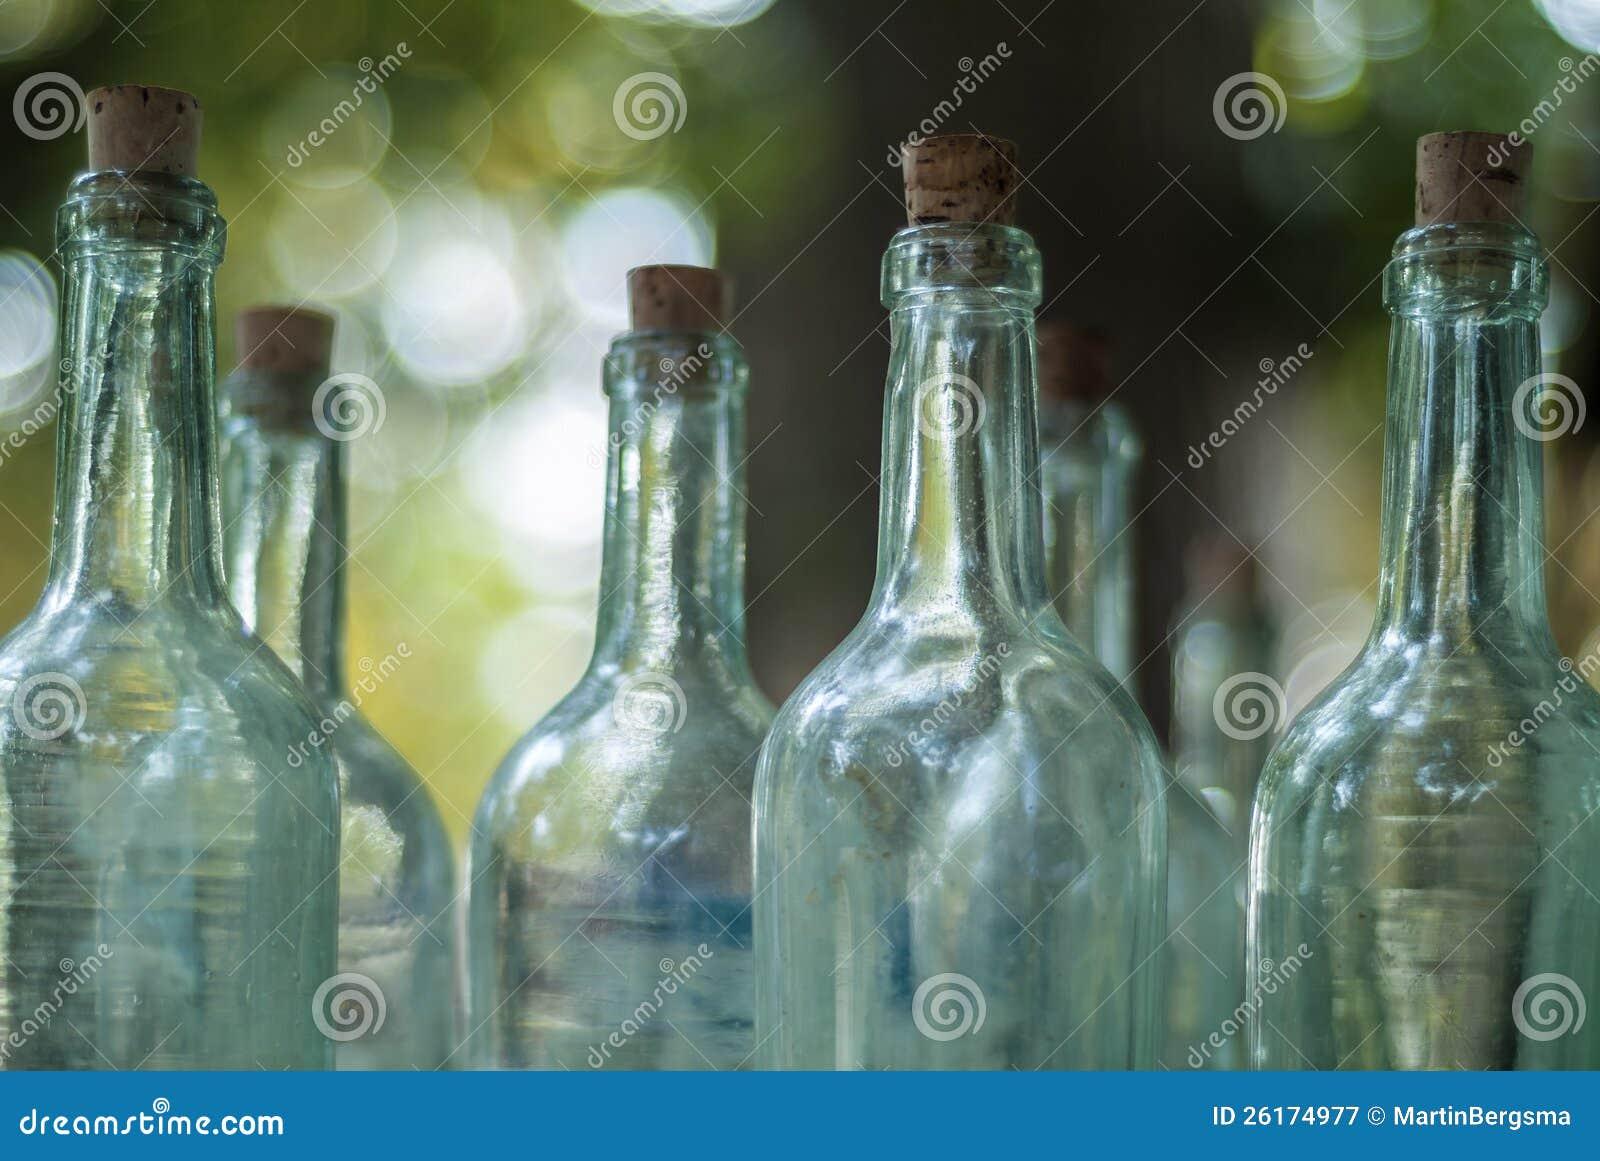 Alte Flaschen auf einem antiken Markt